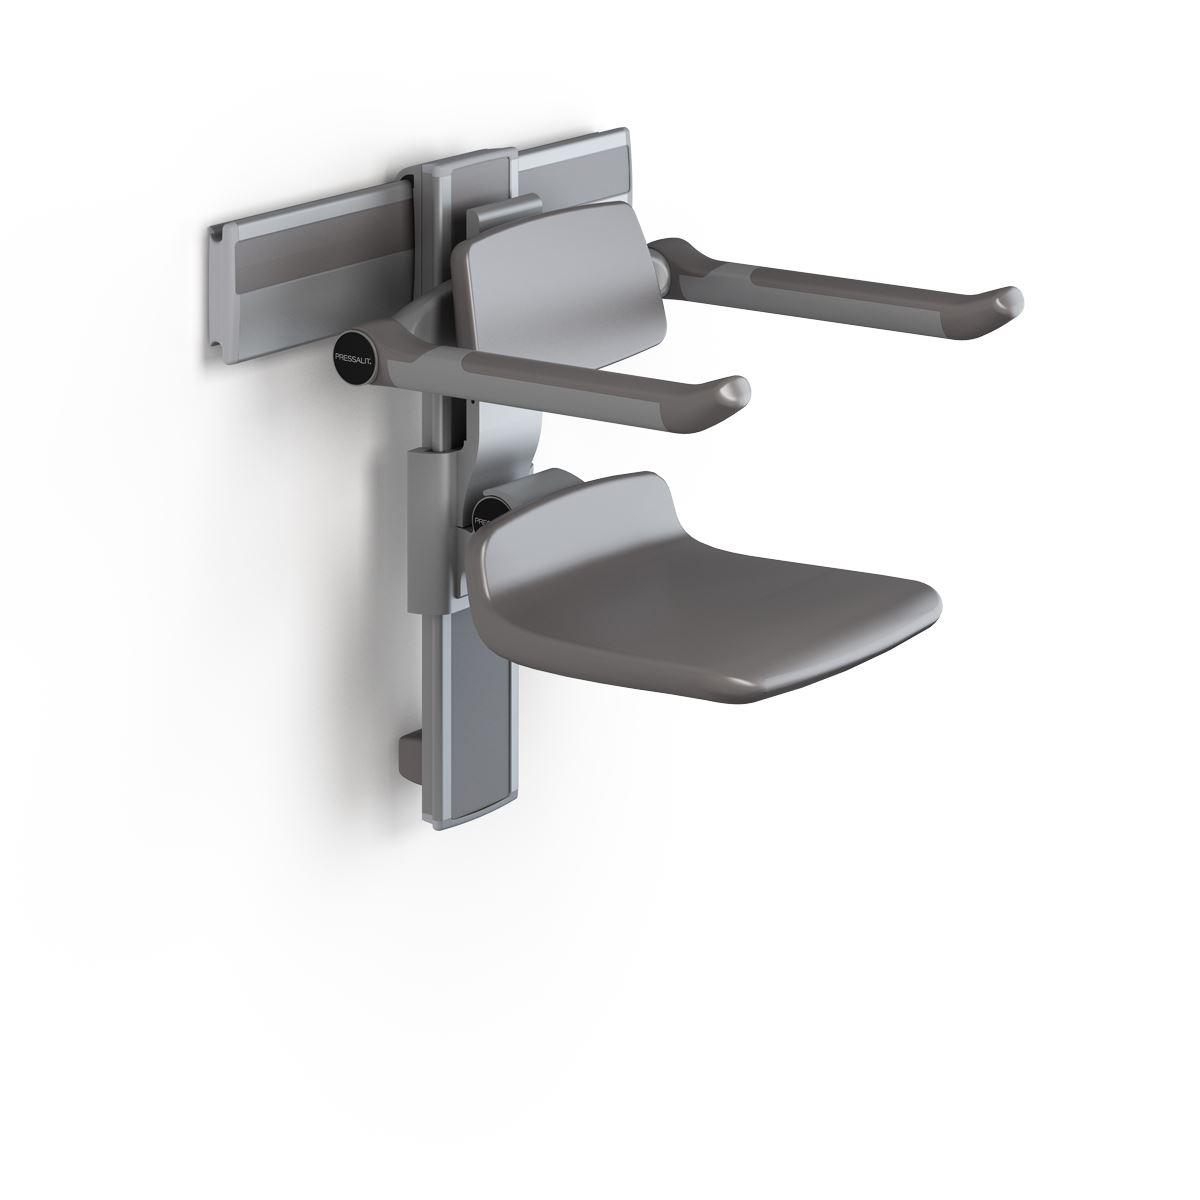 PLUS siège de douche 310, réglable en hauteur manuellement et latéralement